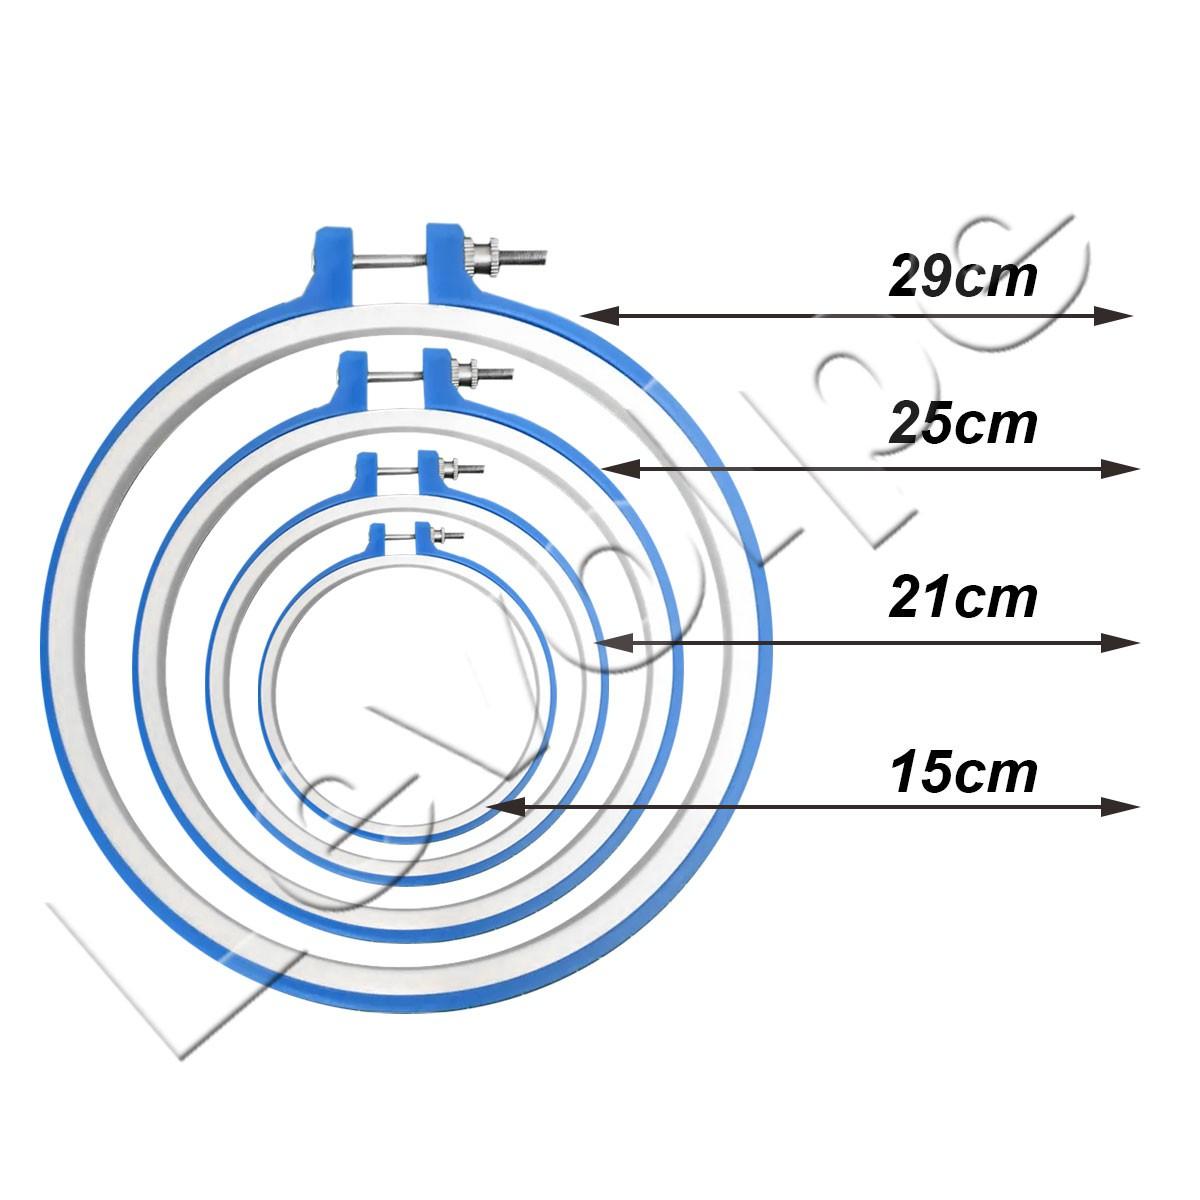 Kit Bastidor Plastico Para Bordado Com Tarraxa  - 4 Tamanhos 15cm 21cm 25cm e 29cm